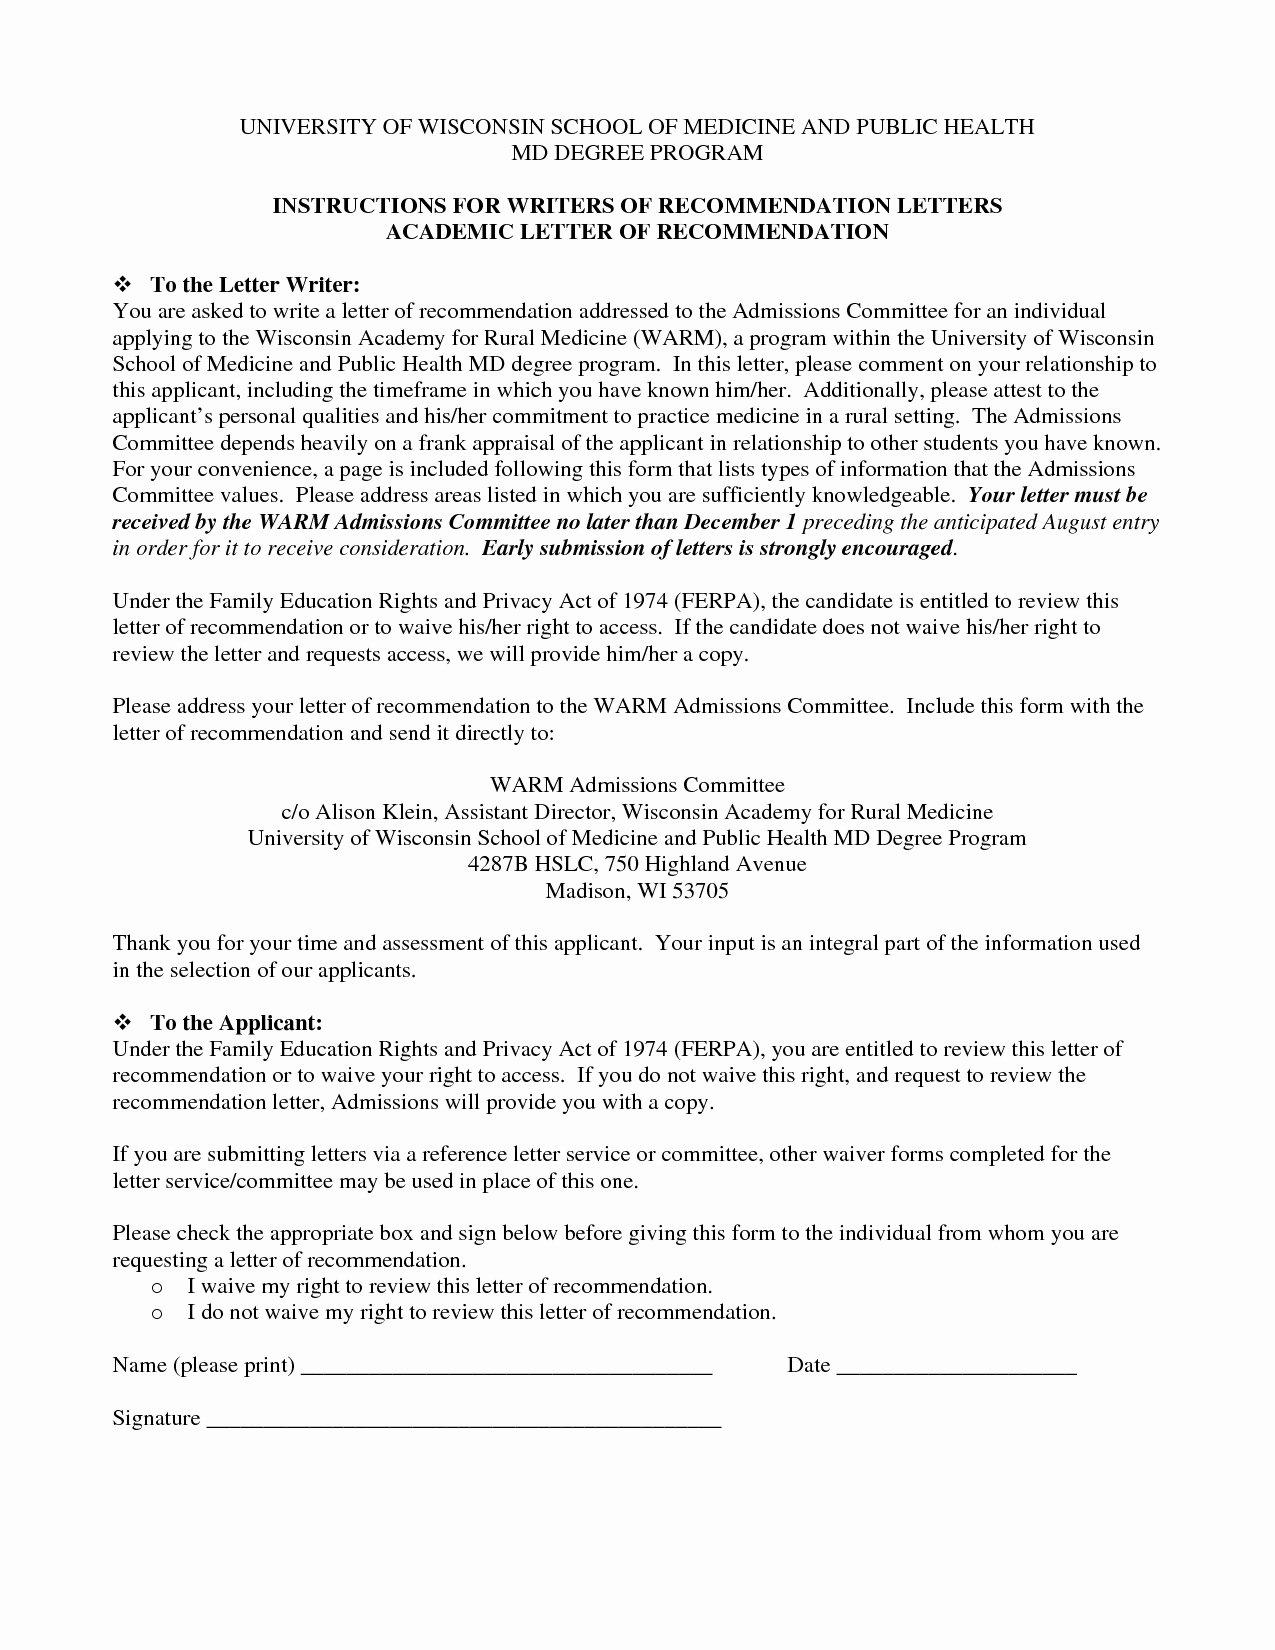 Medical School Recommendation Letter Sample Elegant Template for Letter Re Mendation for Medical School